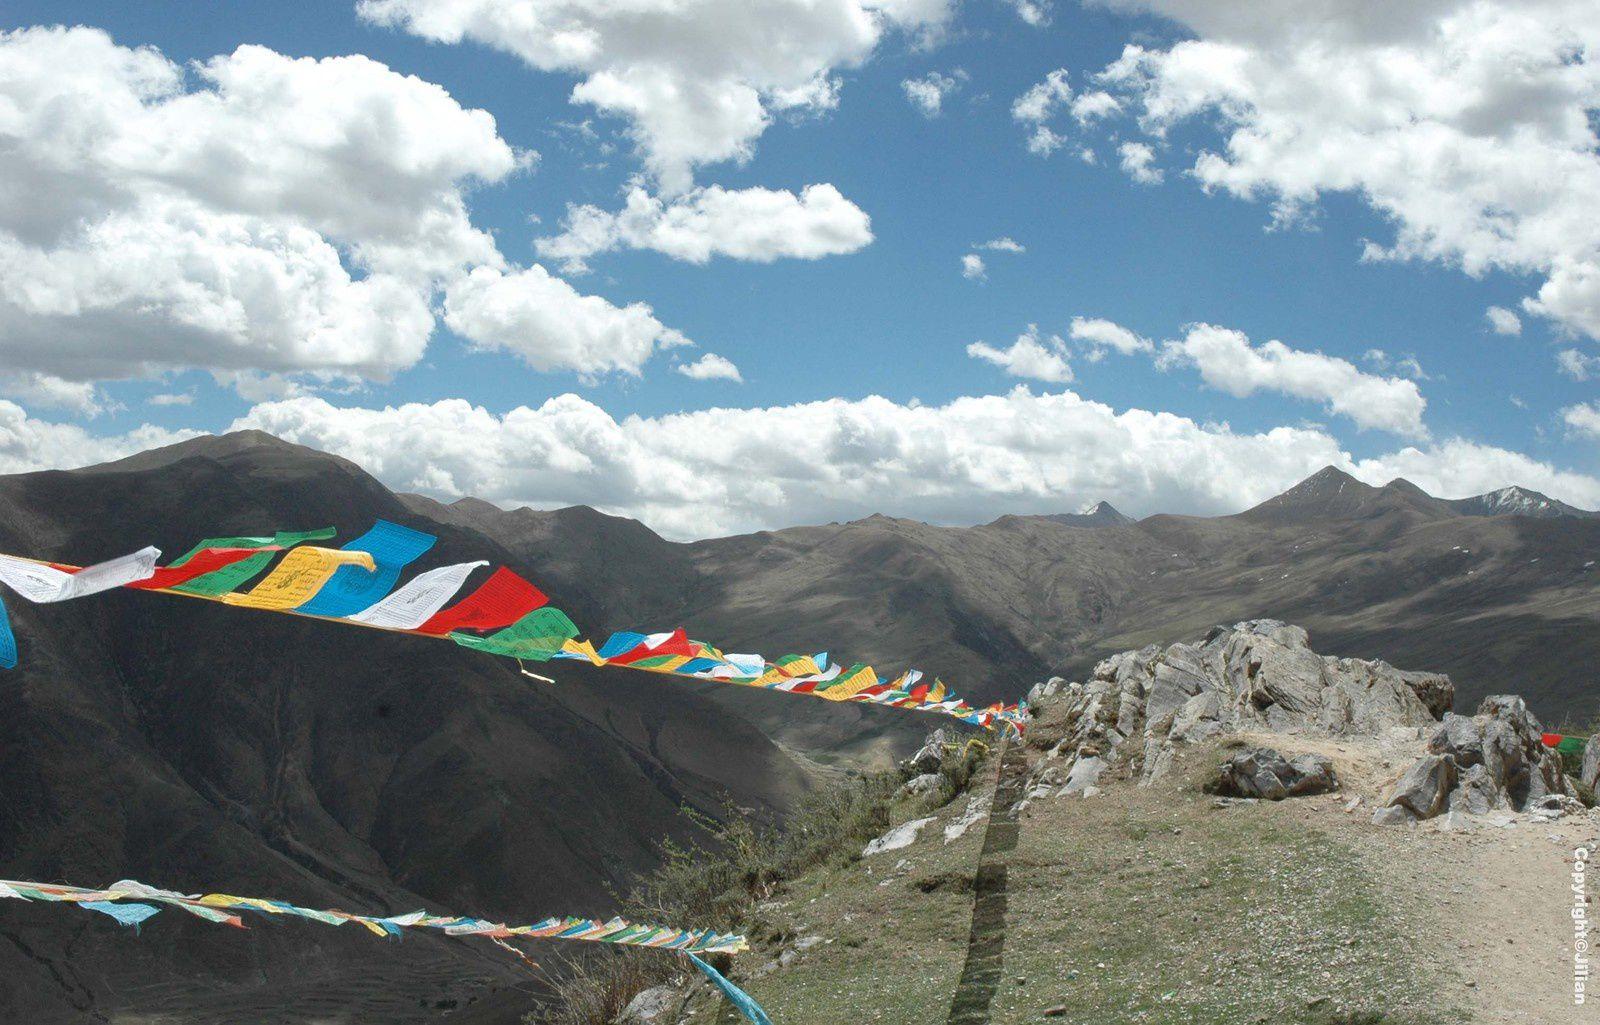 Tibet (1) : La nature et les dieux - 西藏 (1) : 神于大自然